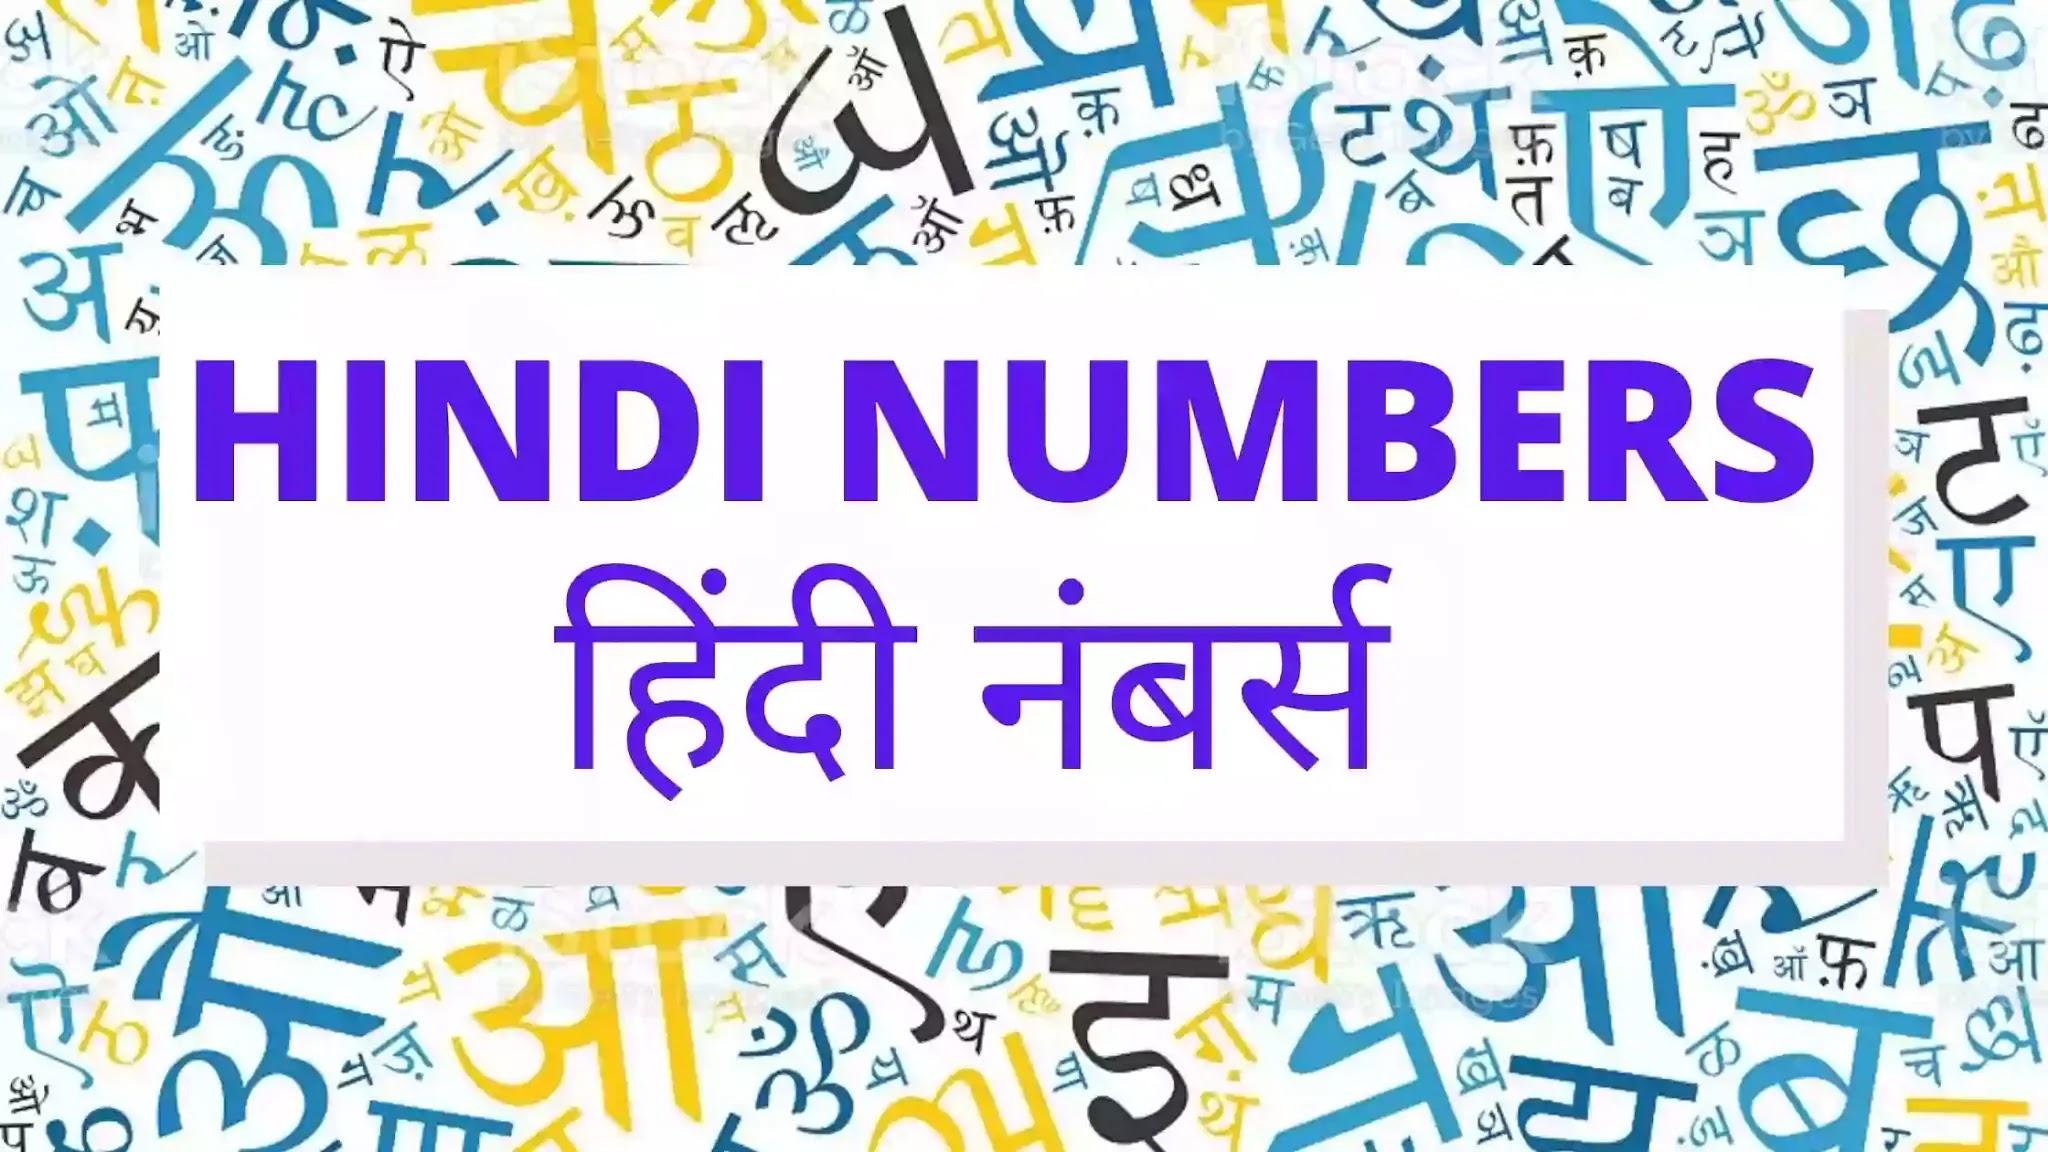 Hindi Numbers - 1 To 100 In Hindi and English Words हिंदी गिनती